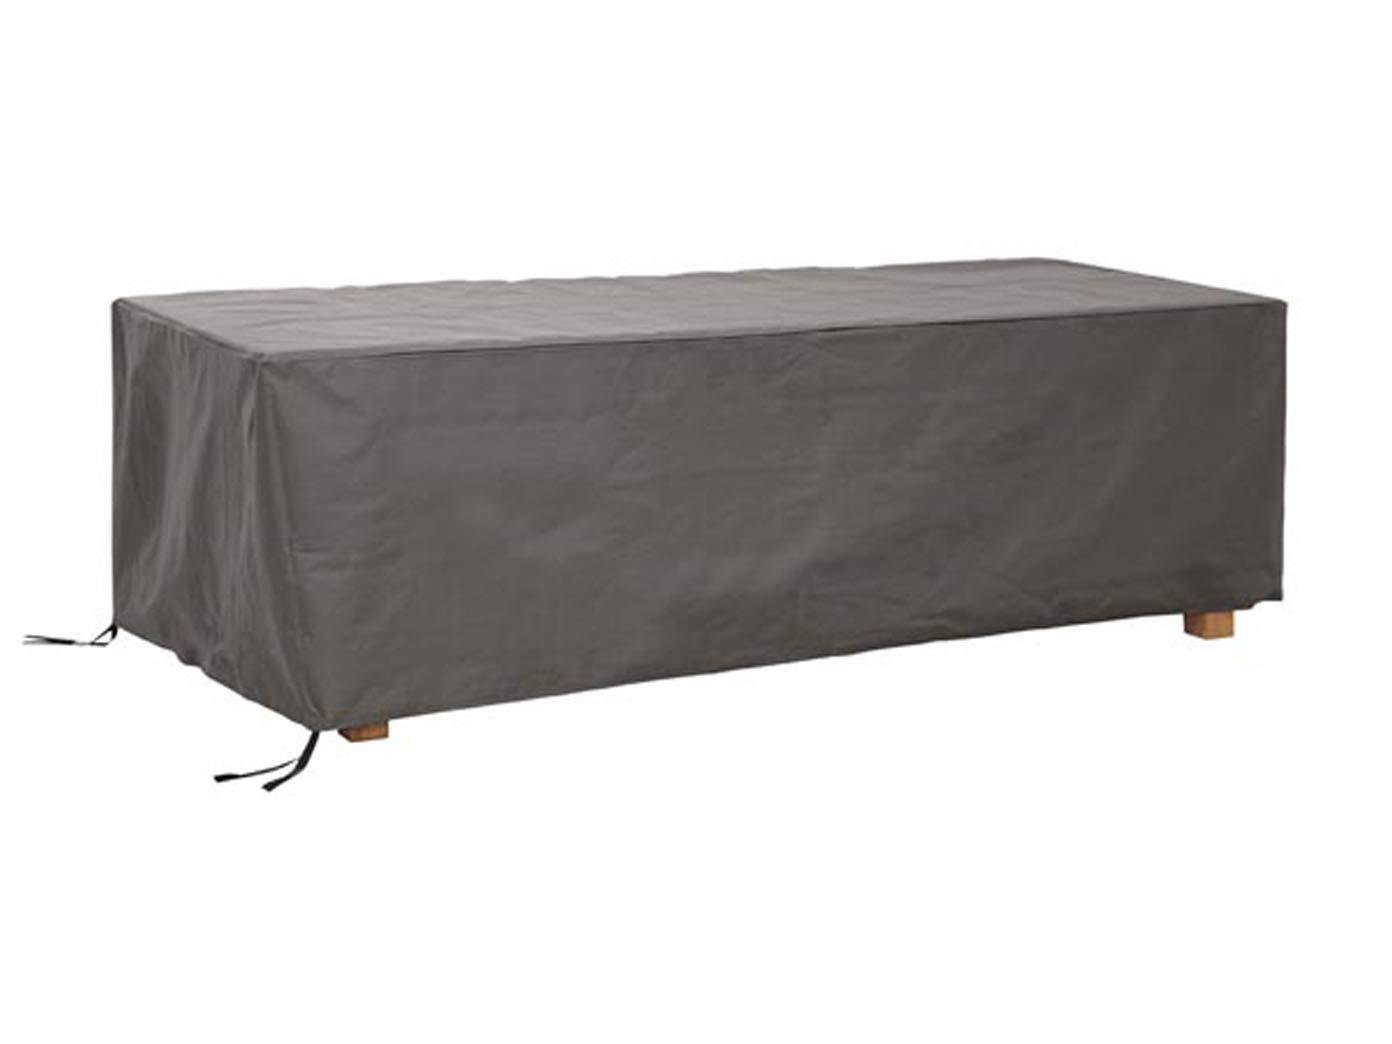 ci sono più marche di prodotti di alta qualità Perel Garden oct140 Custodia Protettiva per Tavolo Tavolo Tavolo da Giardino di Massimo 140 cm, Antracite, 145 x 105 x 75 cm  vendita outlet